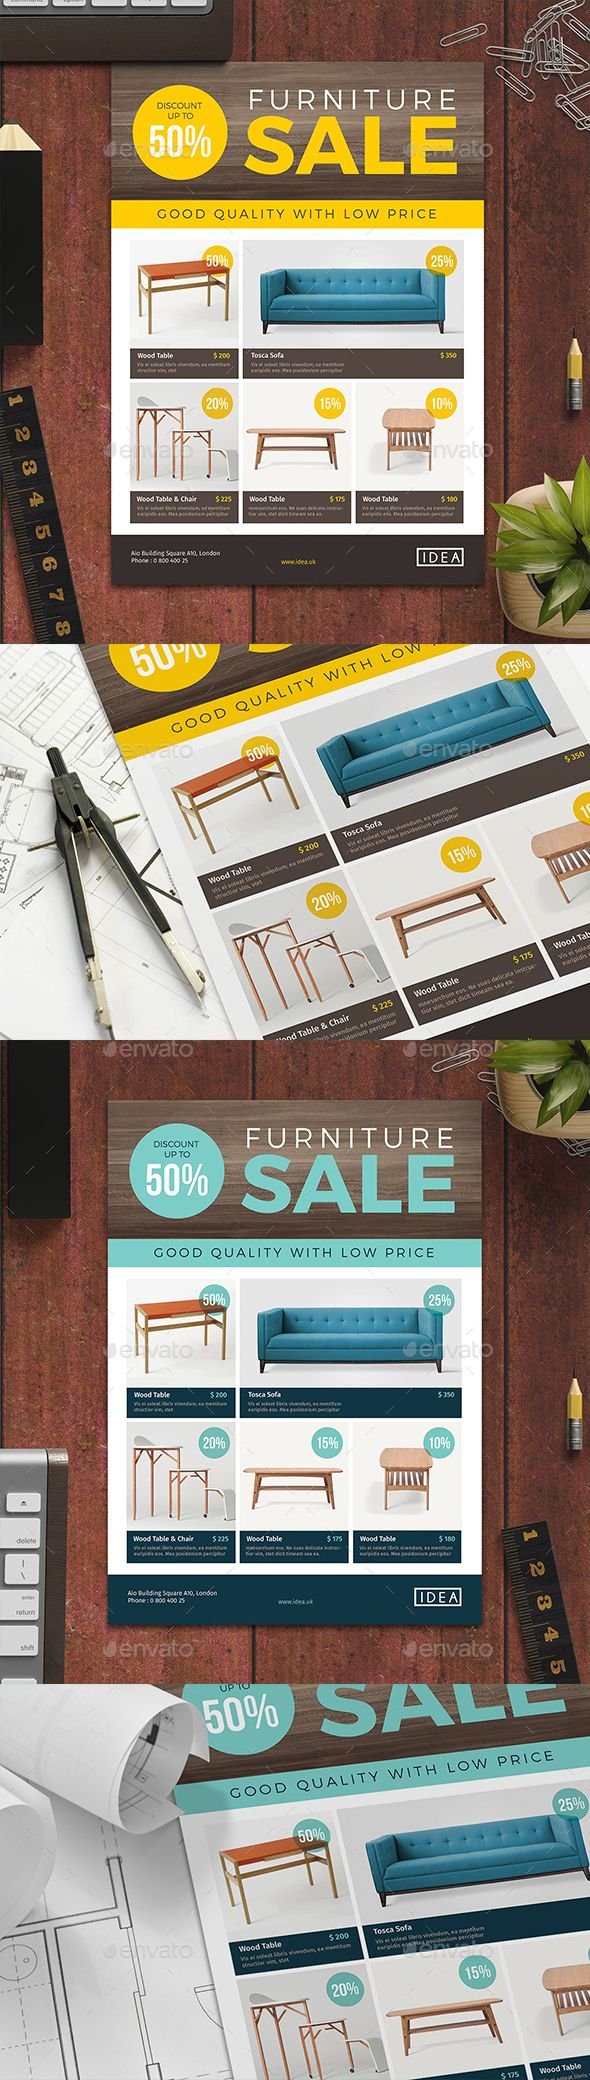 Furniture Sale Flyer 02. Best 25  Furniture sale ideas on Pinterest   DIY furniture for